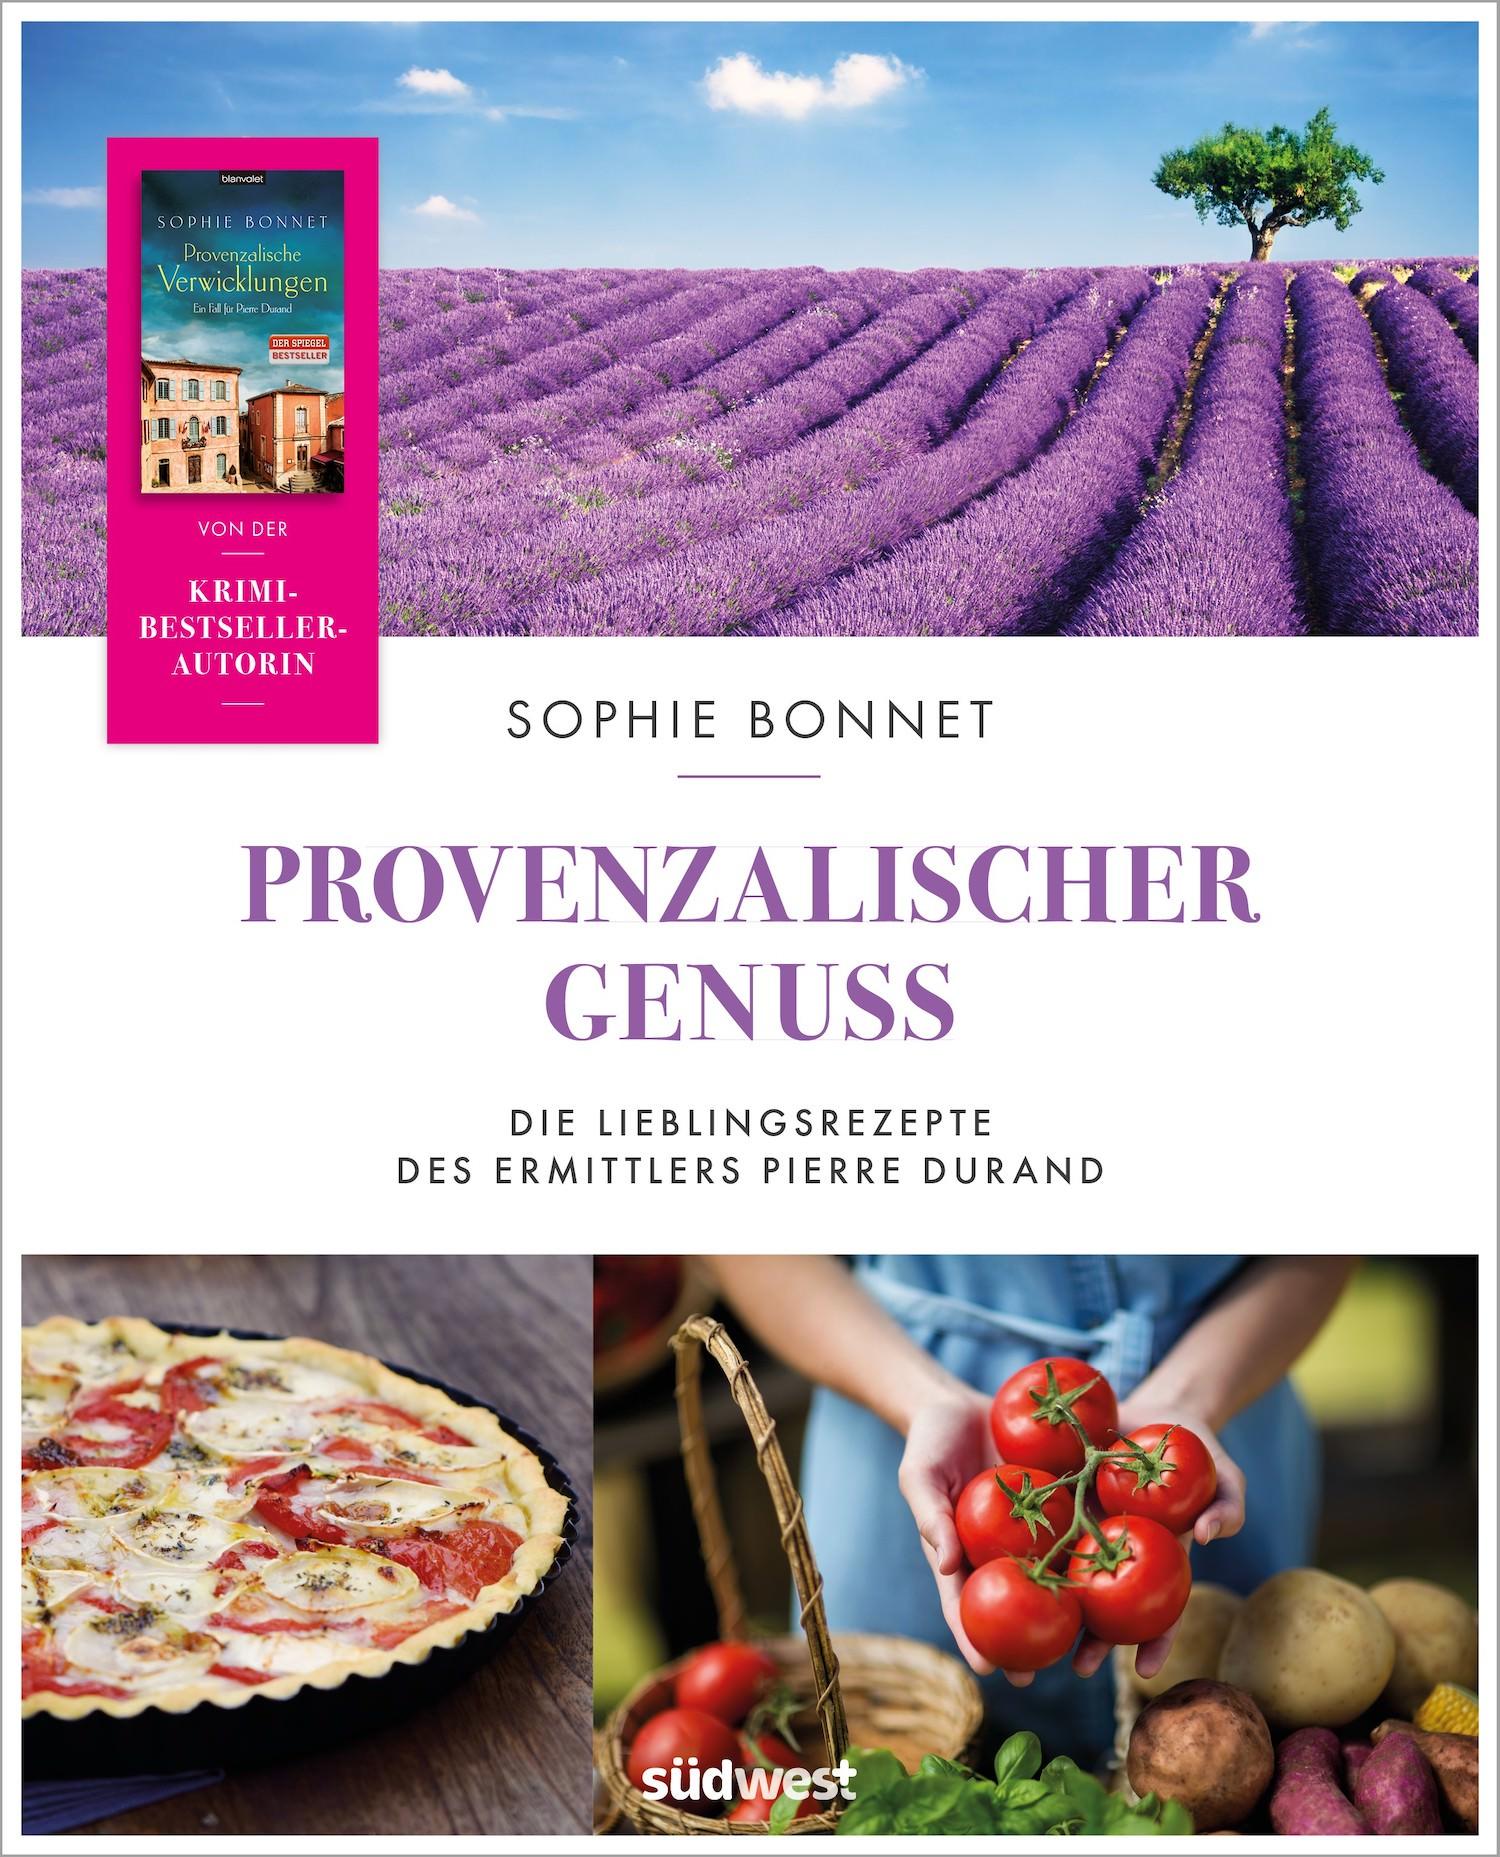 Provenzalischer Genuss, Bonnet, Foto: © Sophie Bonnet, südwest Verlag